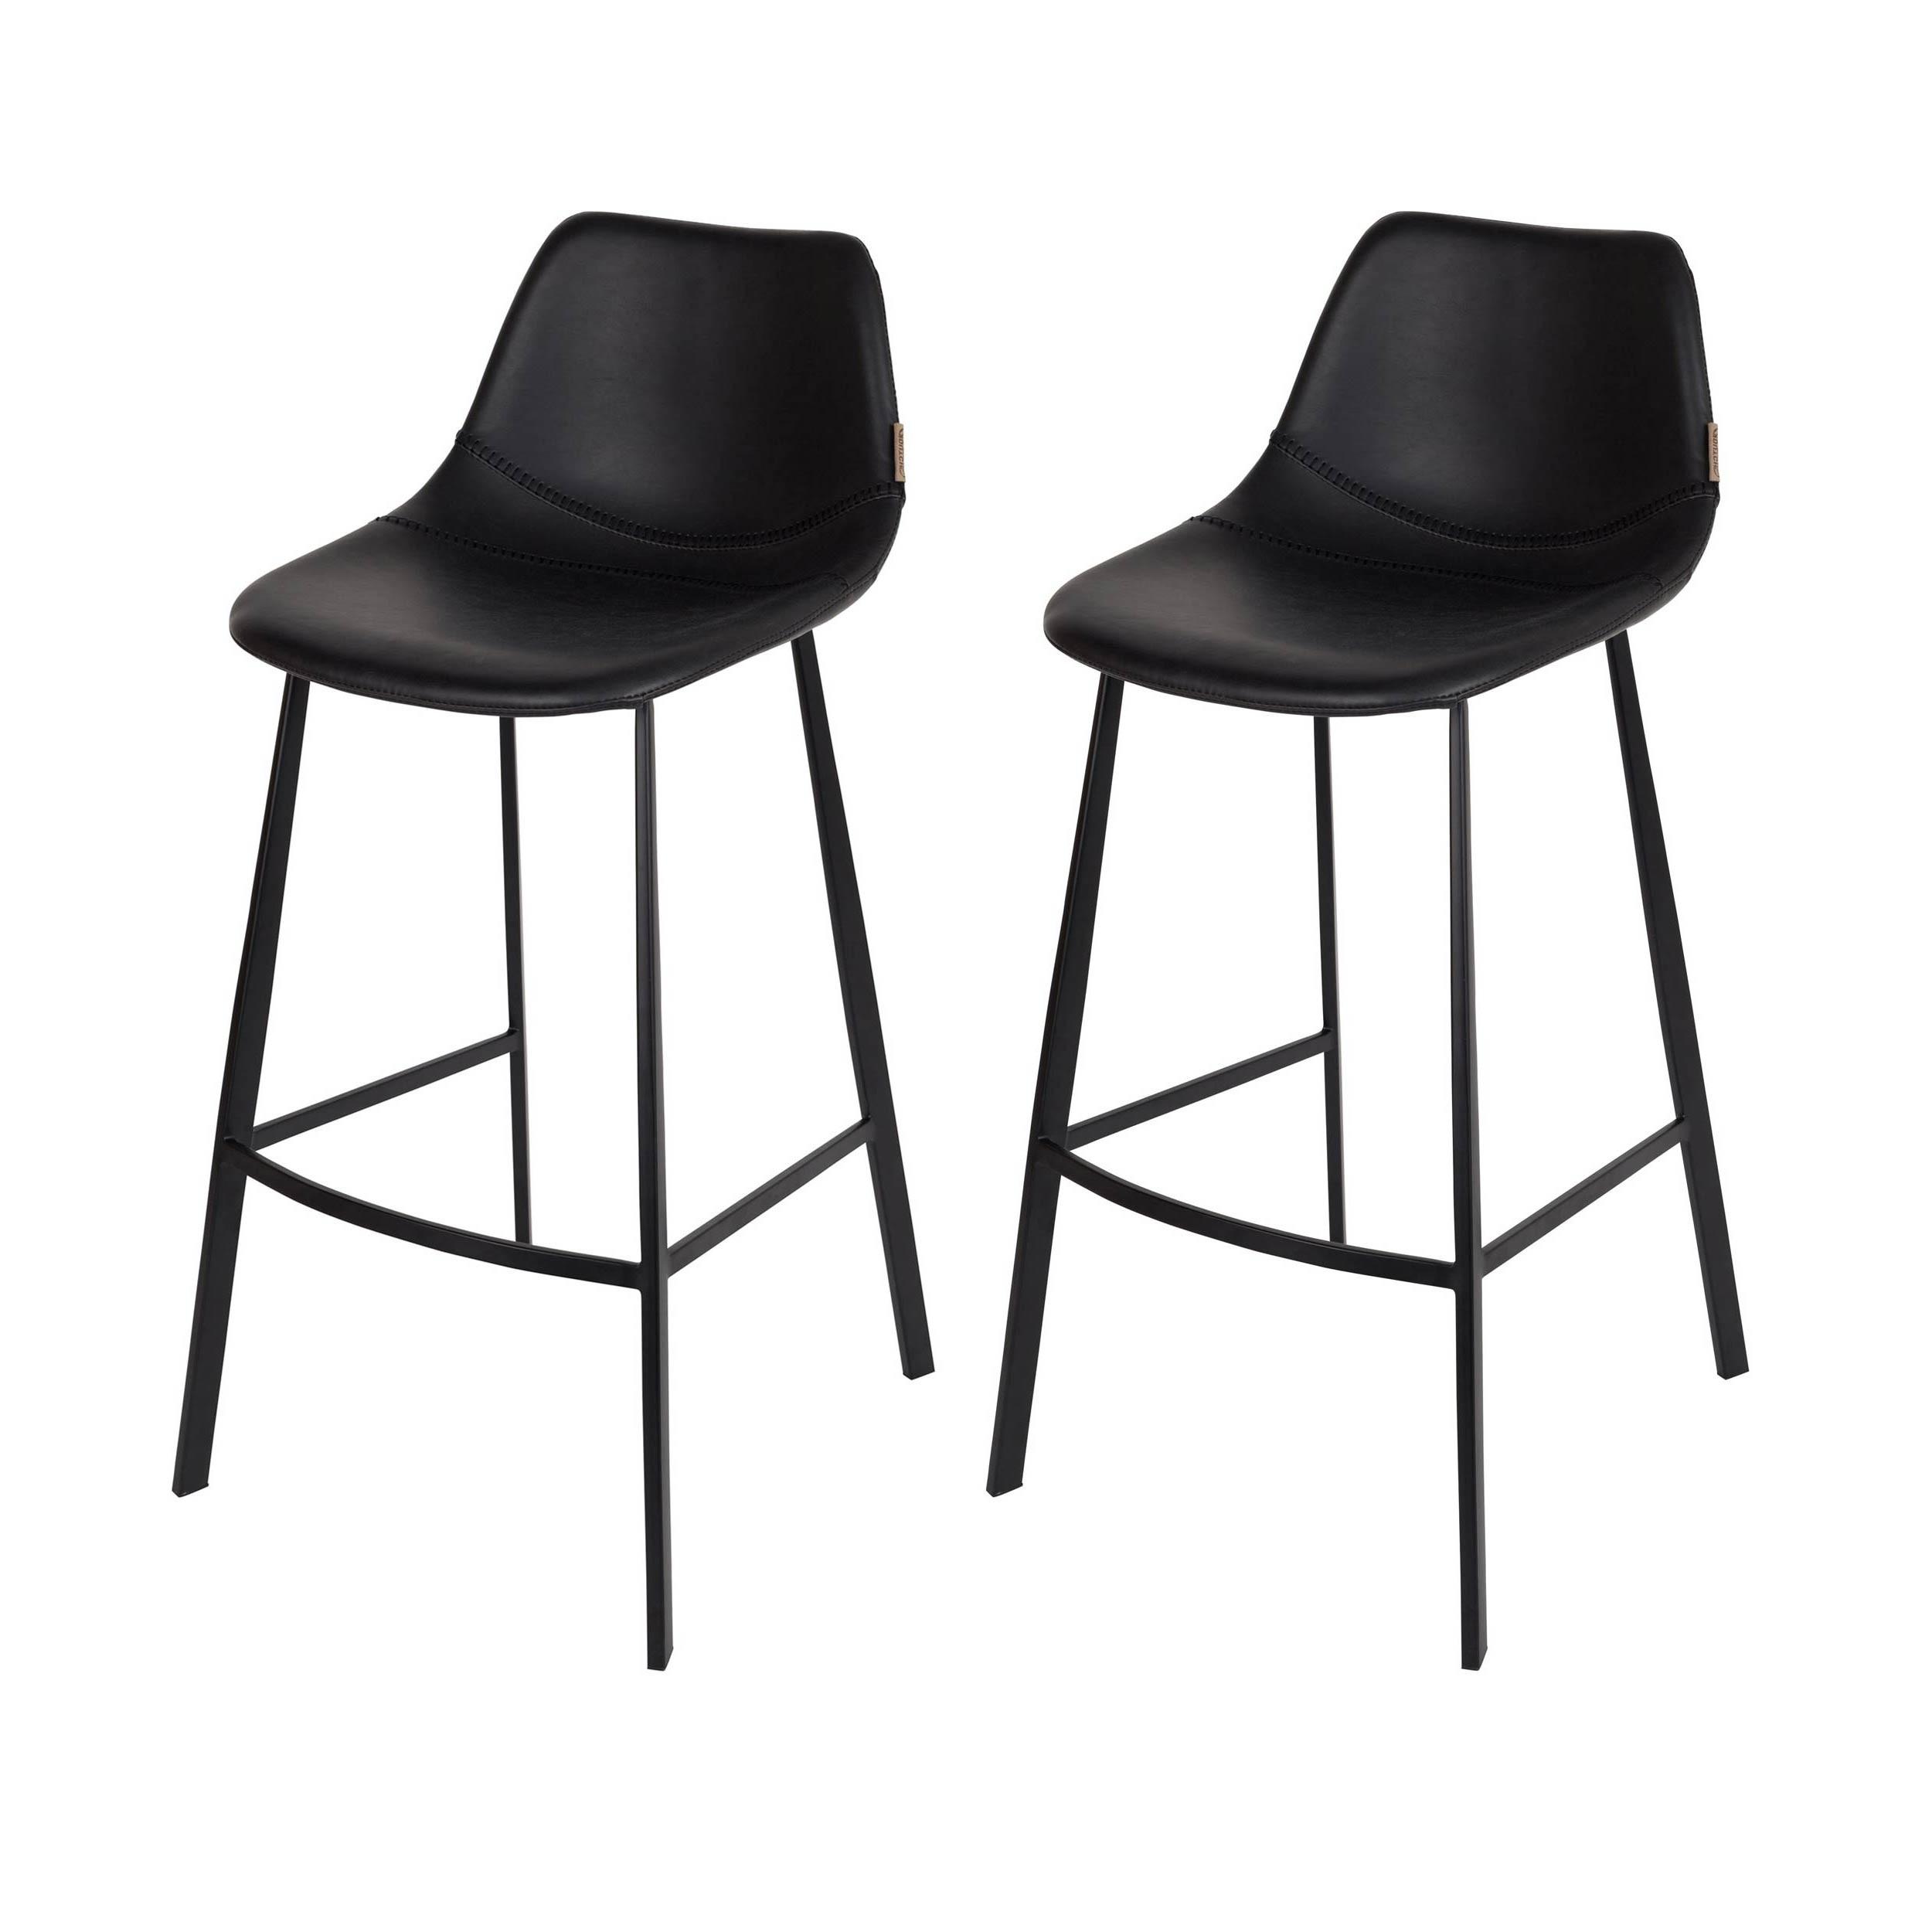 acheter chaise de bar noire